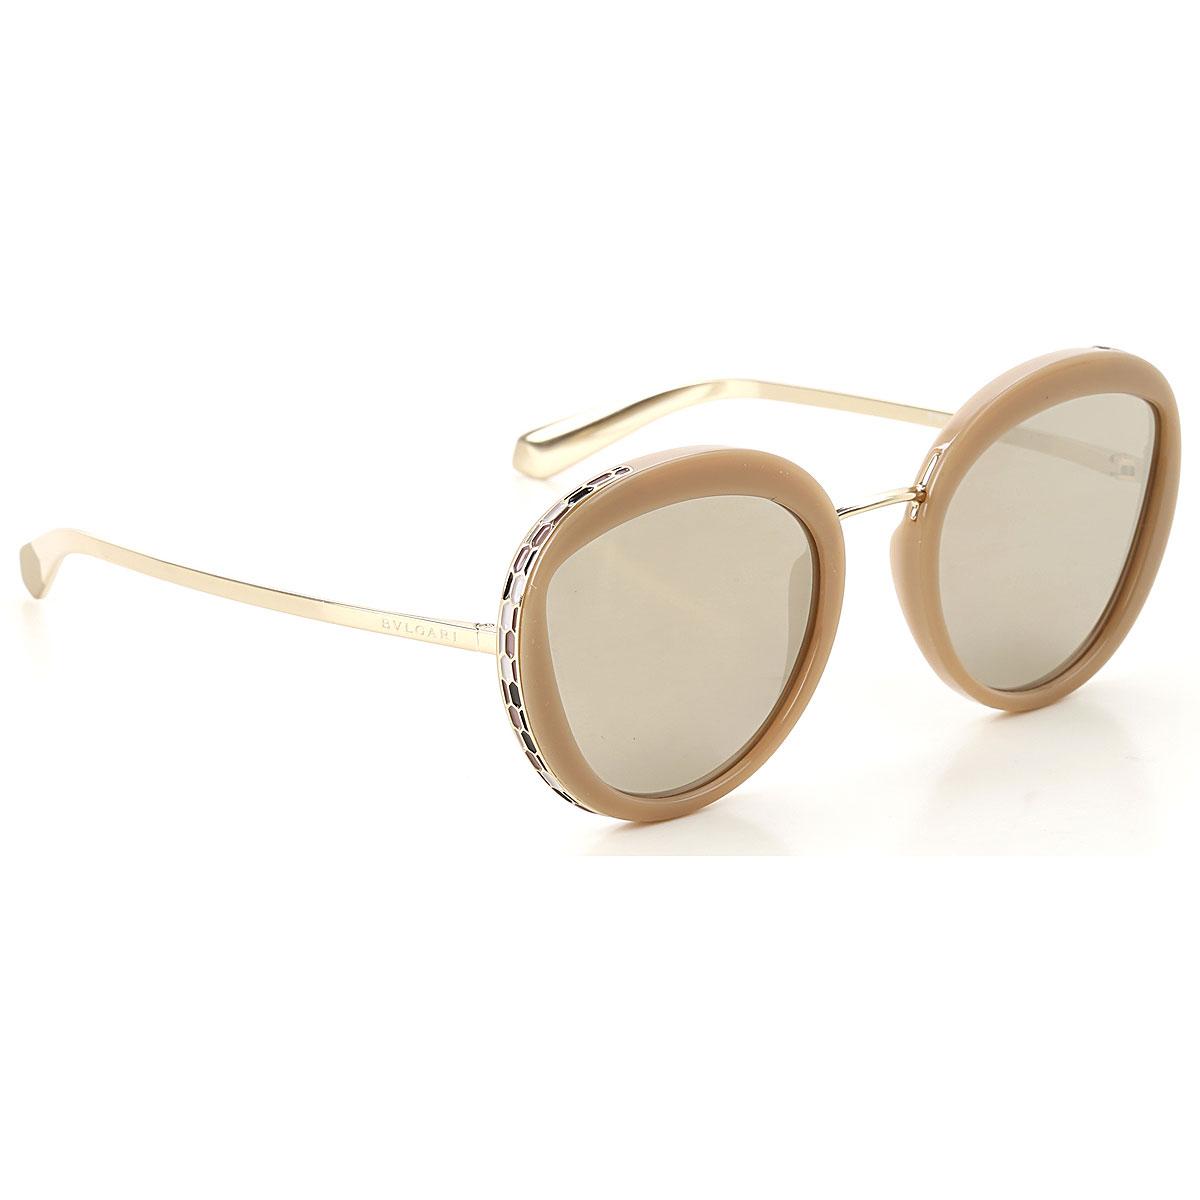 Image of Bvlgari Sunglasses On Sale, Sand, 2017